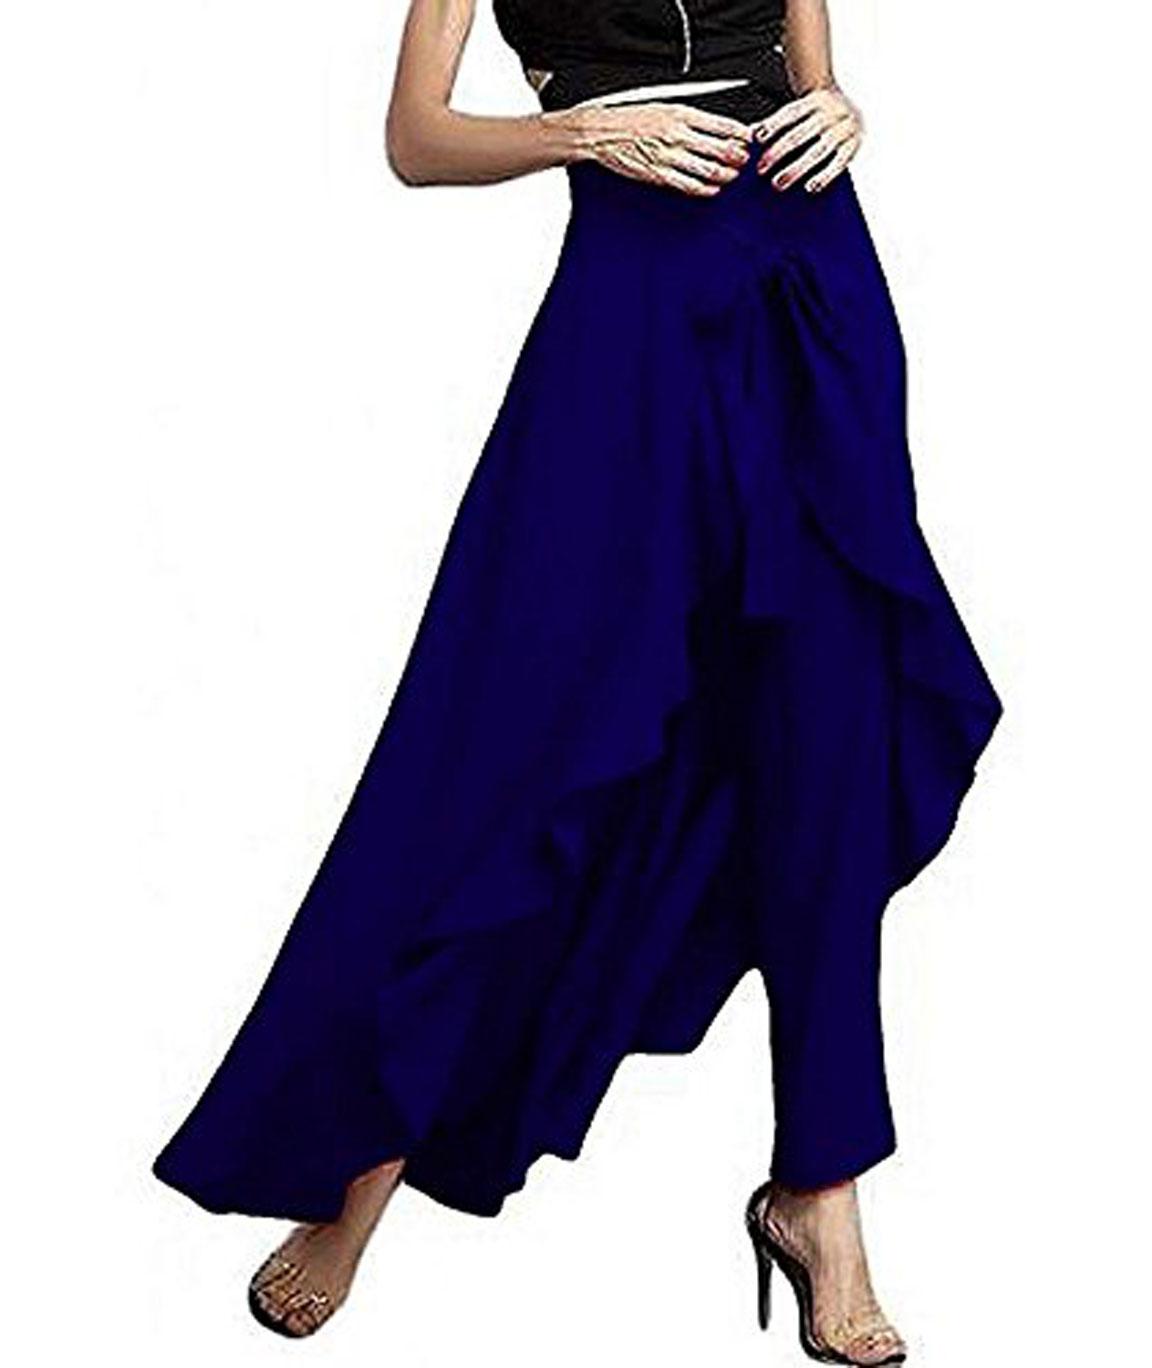 women Wear Ruffle Palazo Rayon Skirt(navy blue)